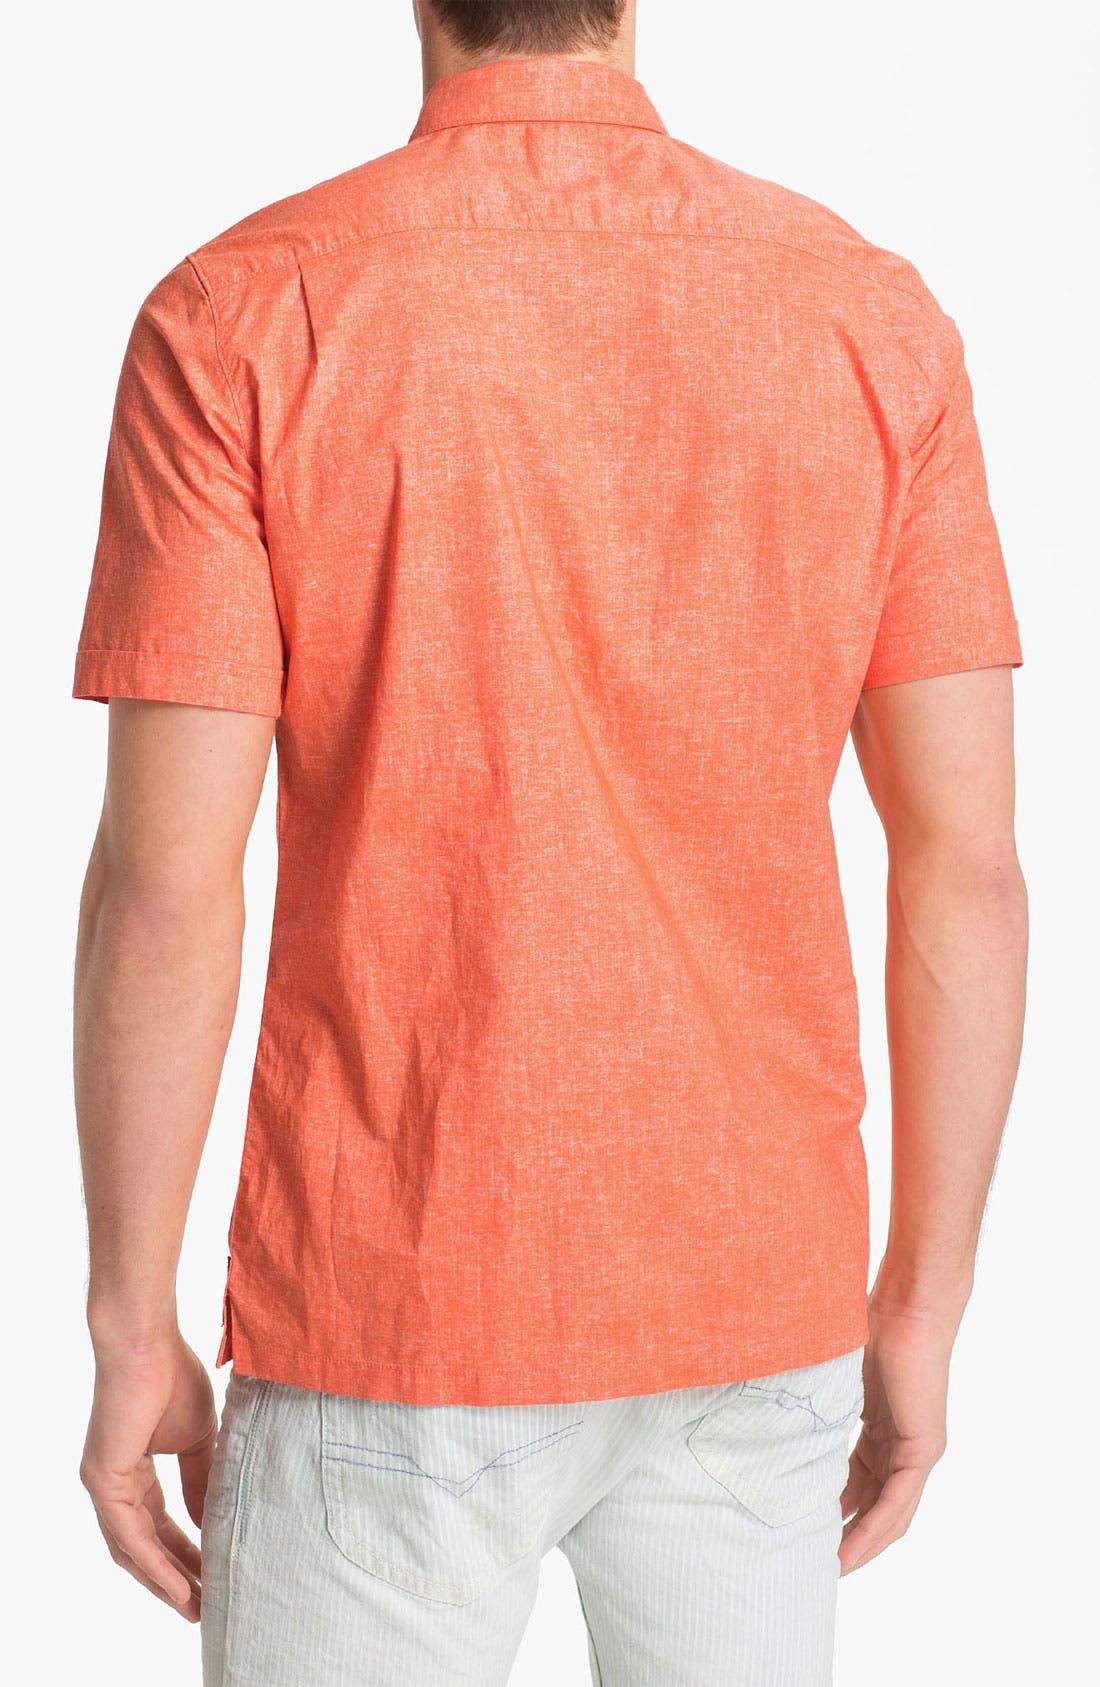 Alternate Image 2  - Vans 'Redding' Pullover Woven Shirt